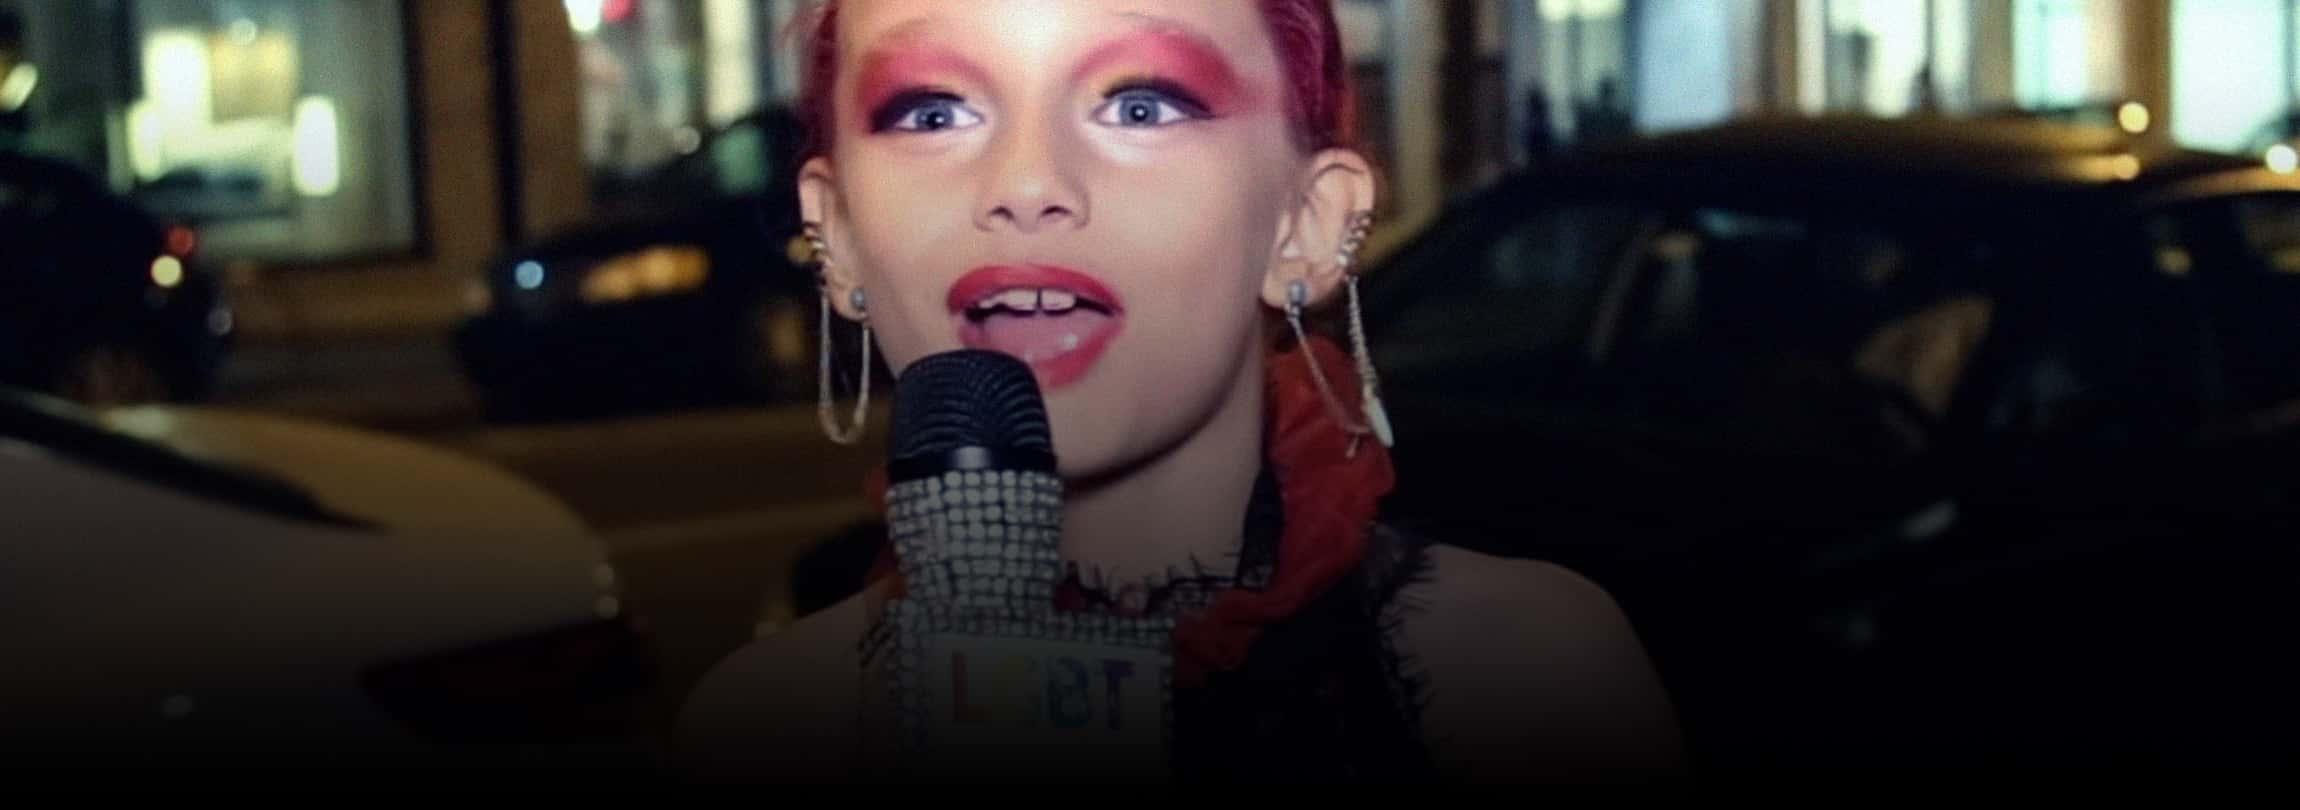 """Comunidade LGBT celebra """"drag queen"""" de 8 anos no Canadá"""